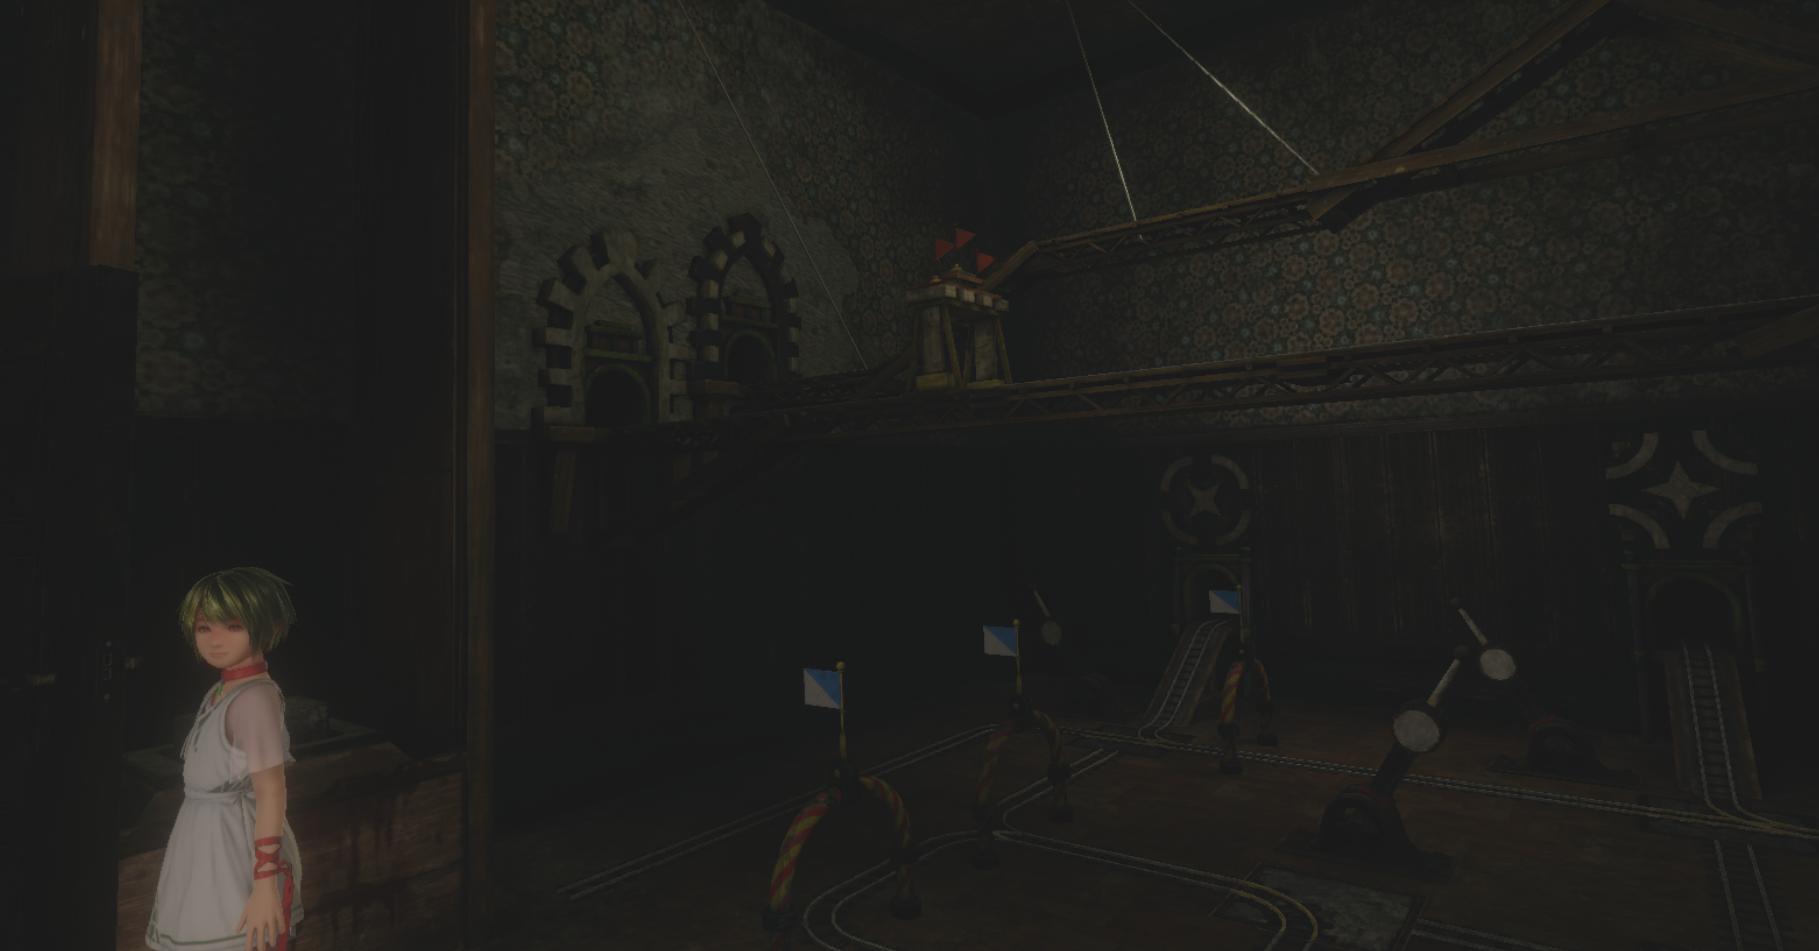 【ラストラビリンス(LAST LABYRINTH)】攻略 電車のレールがしかれた部屋1(愚者の部屋)